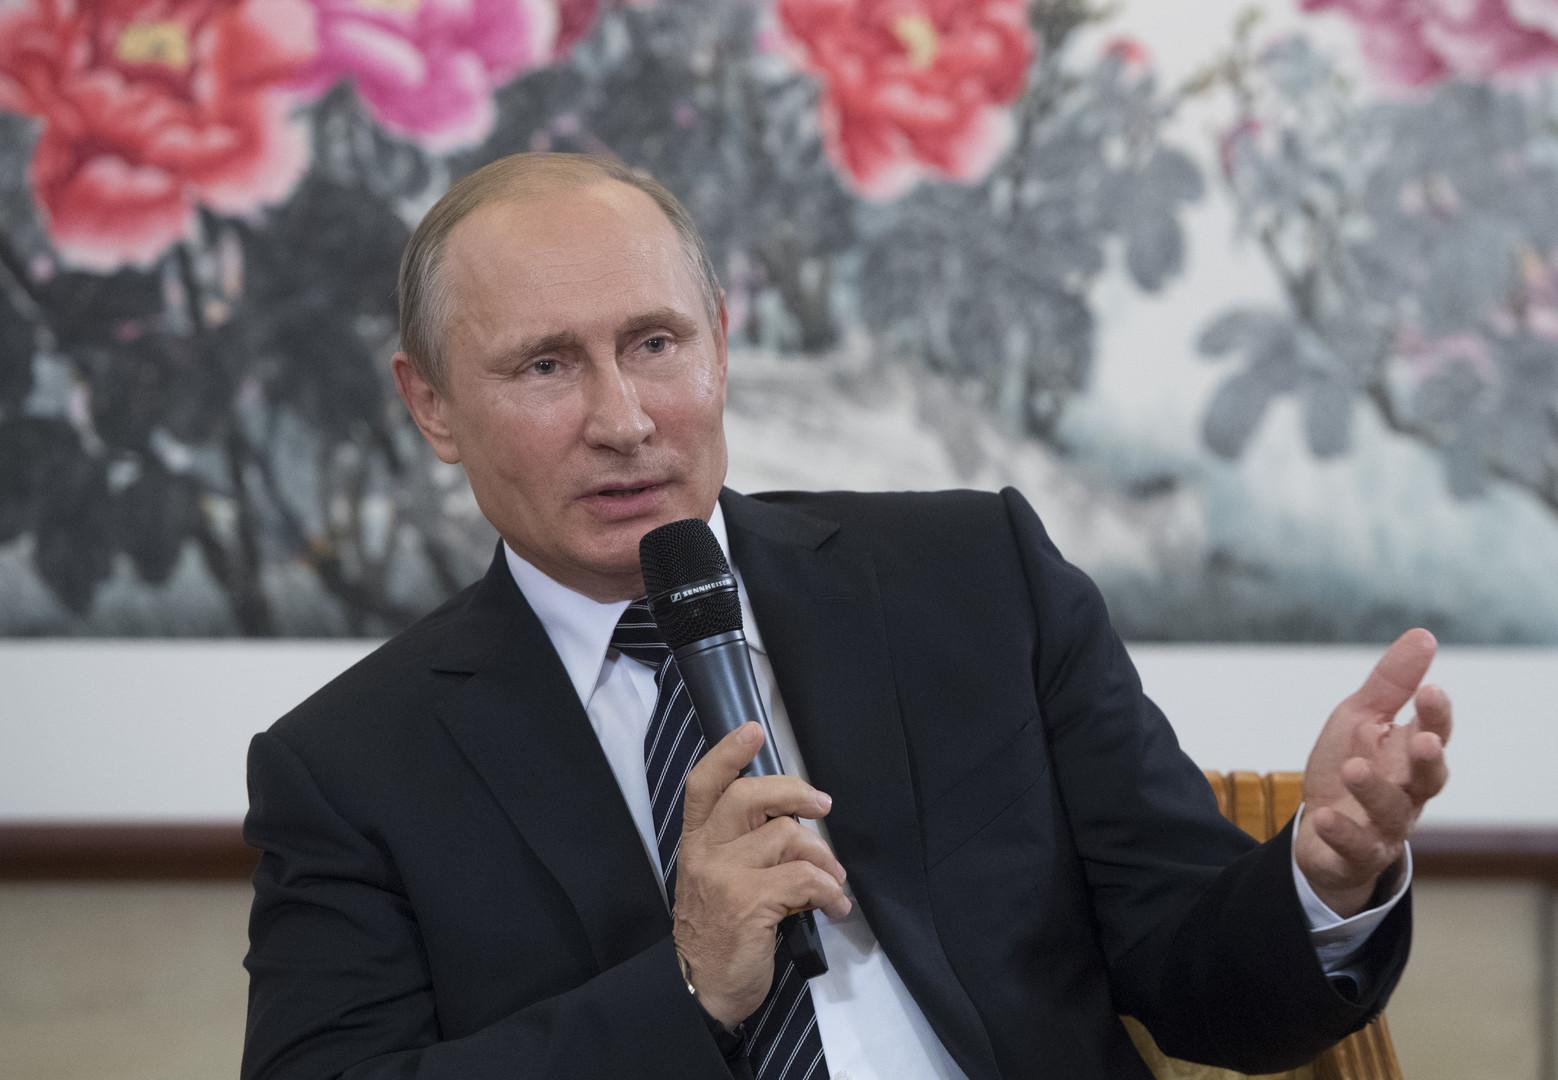 Саммит с душой: Путин подвёл итоги G20 в Китае